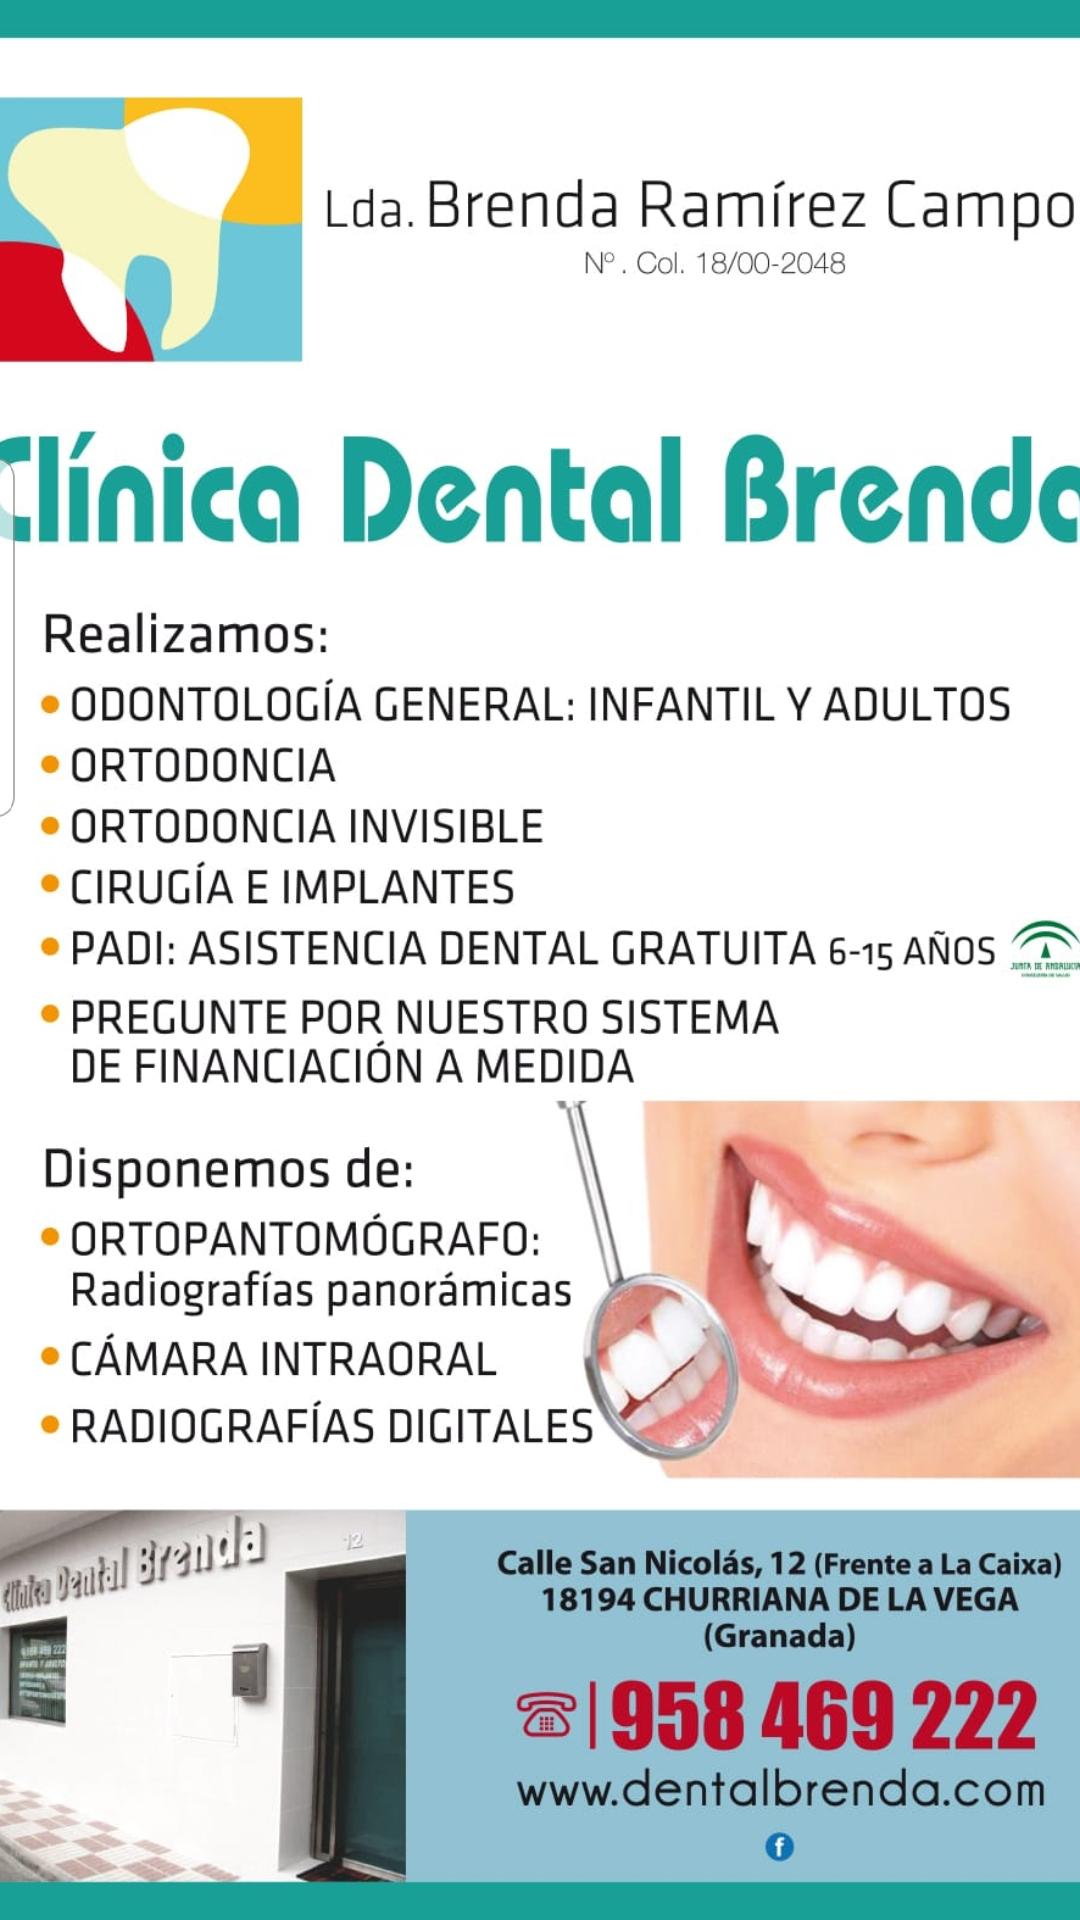 Clínica Dental Brenda Ramírez